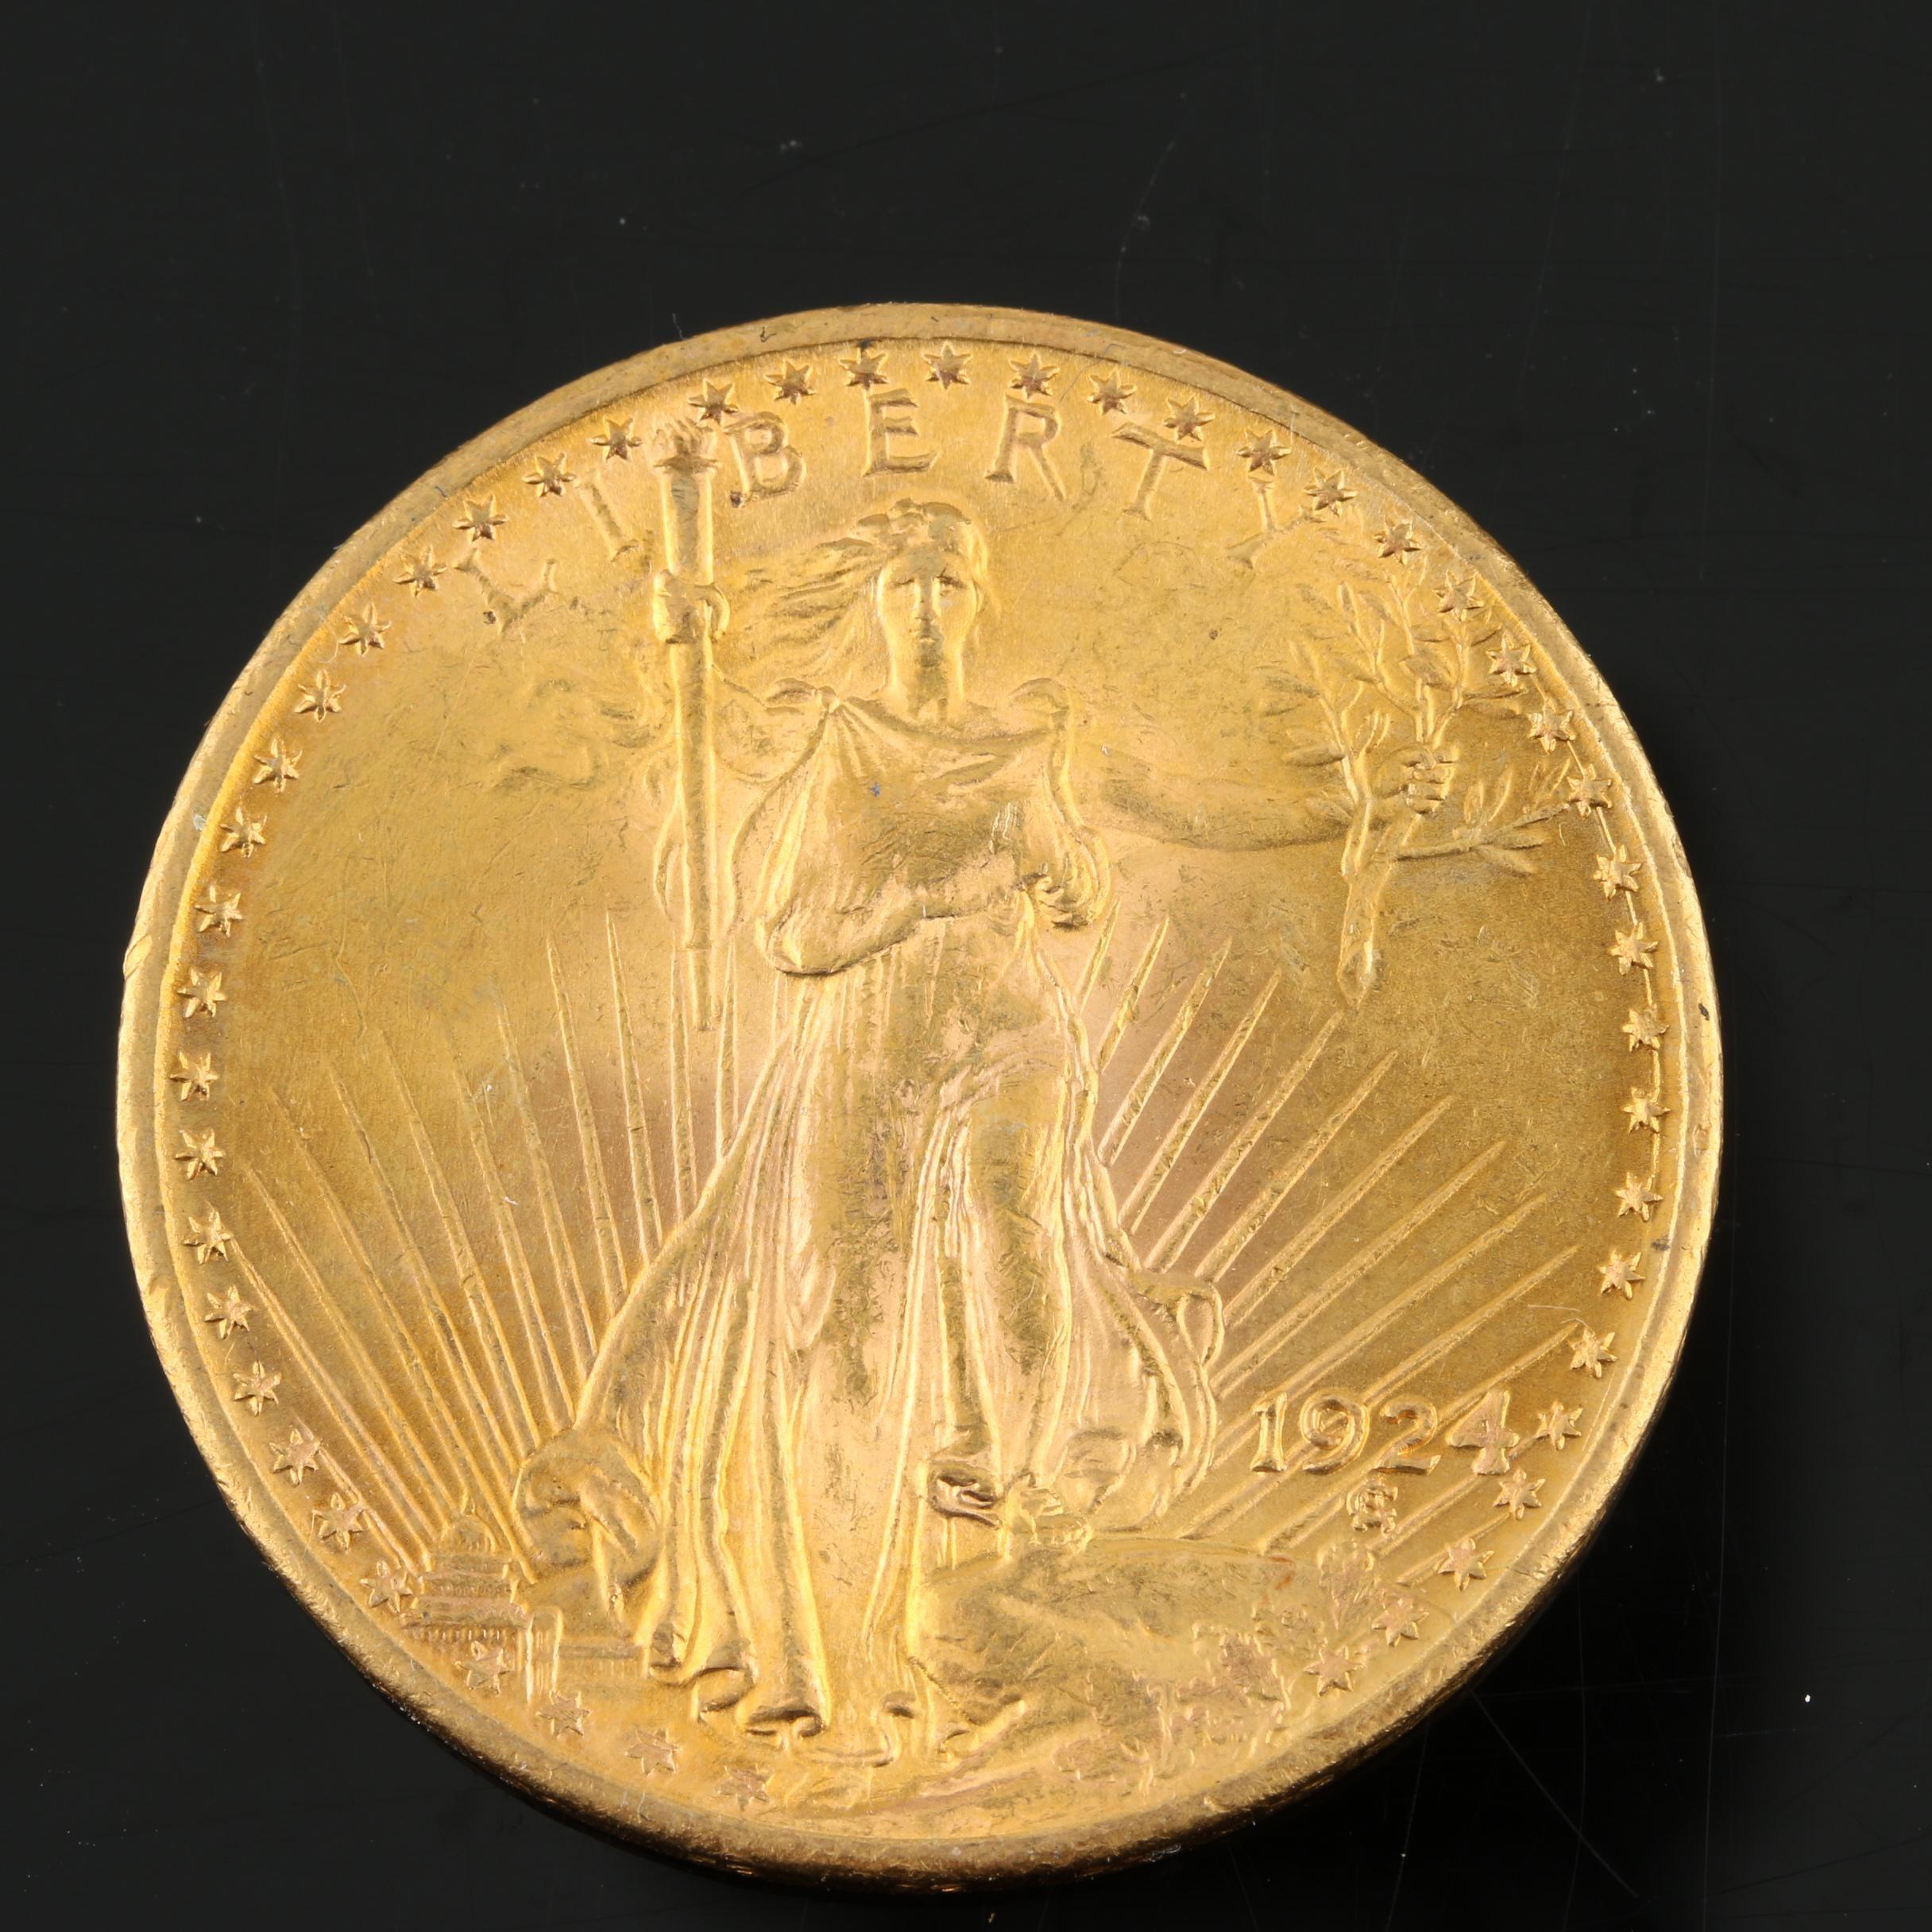 1924 Saint-Gaudens $20 Gold Double Eagle